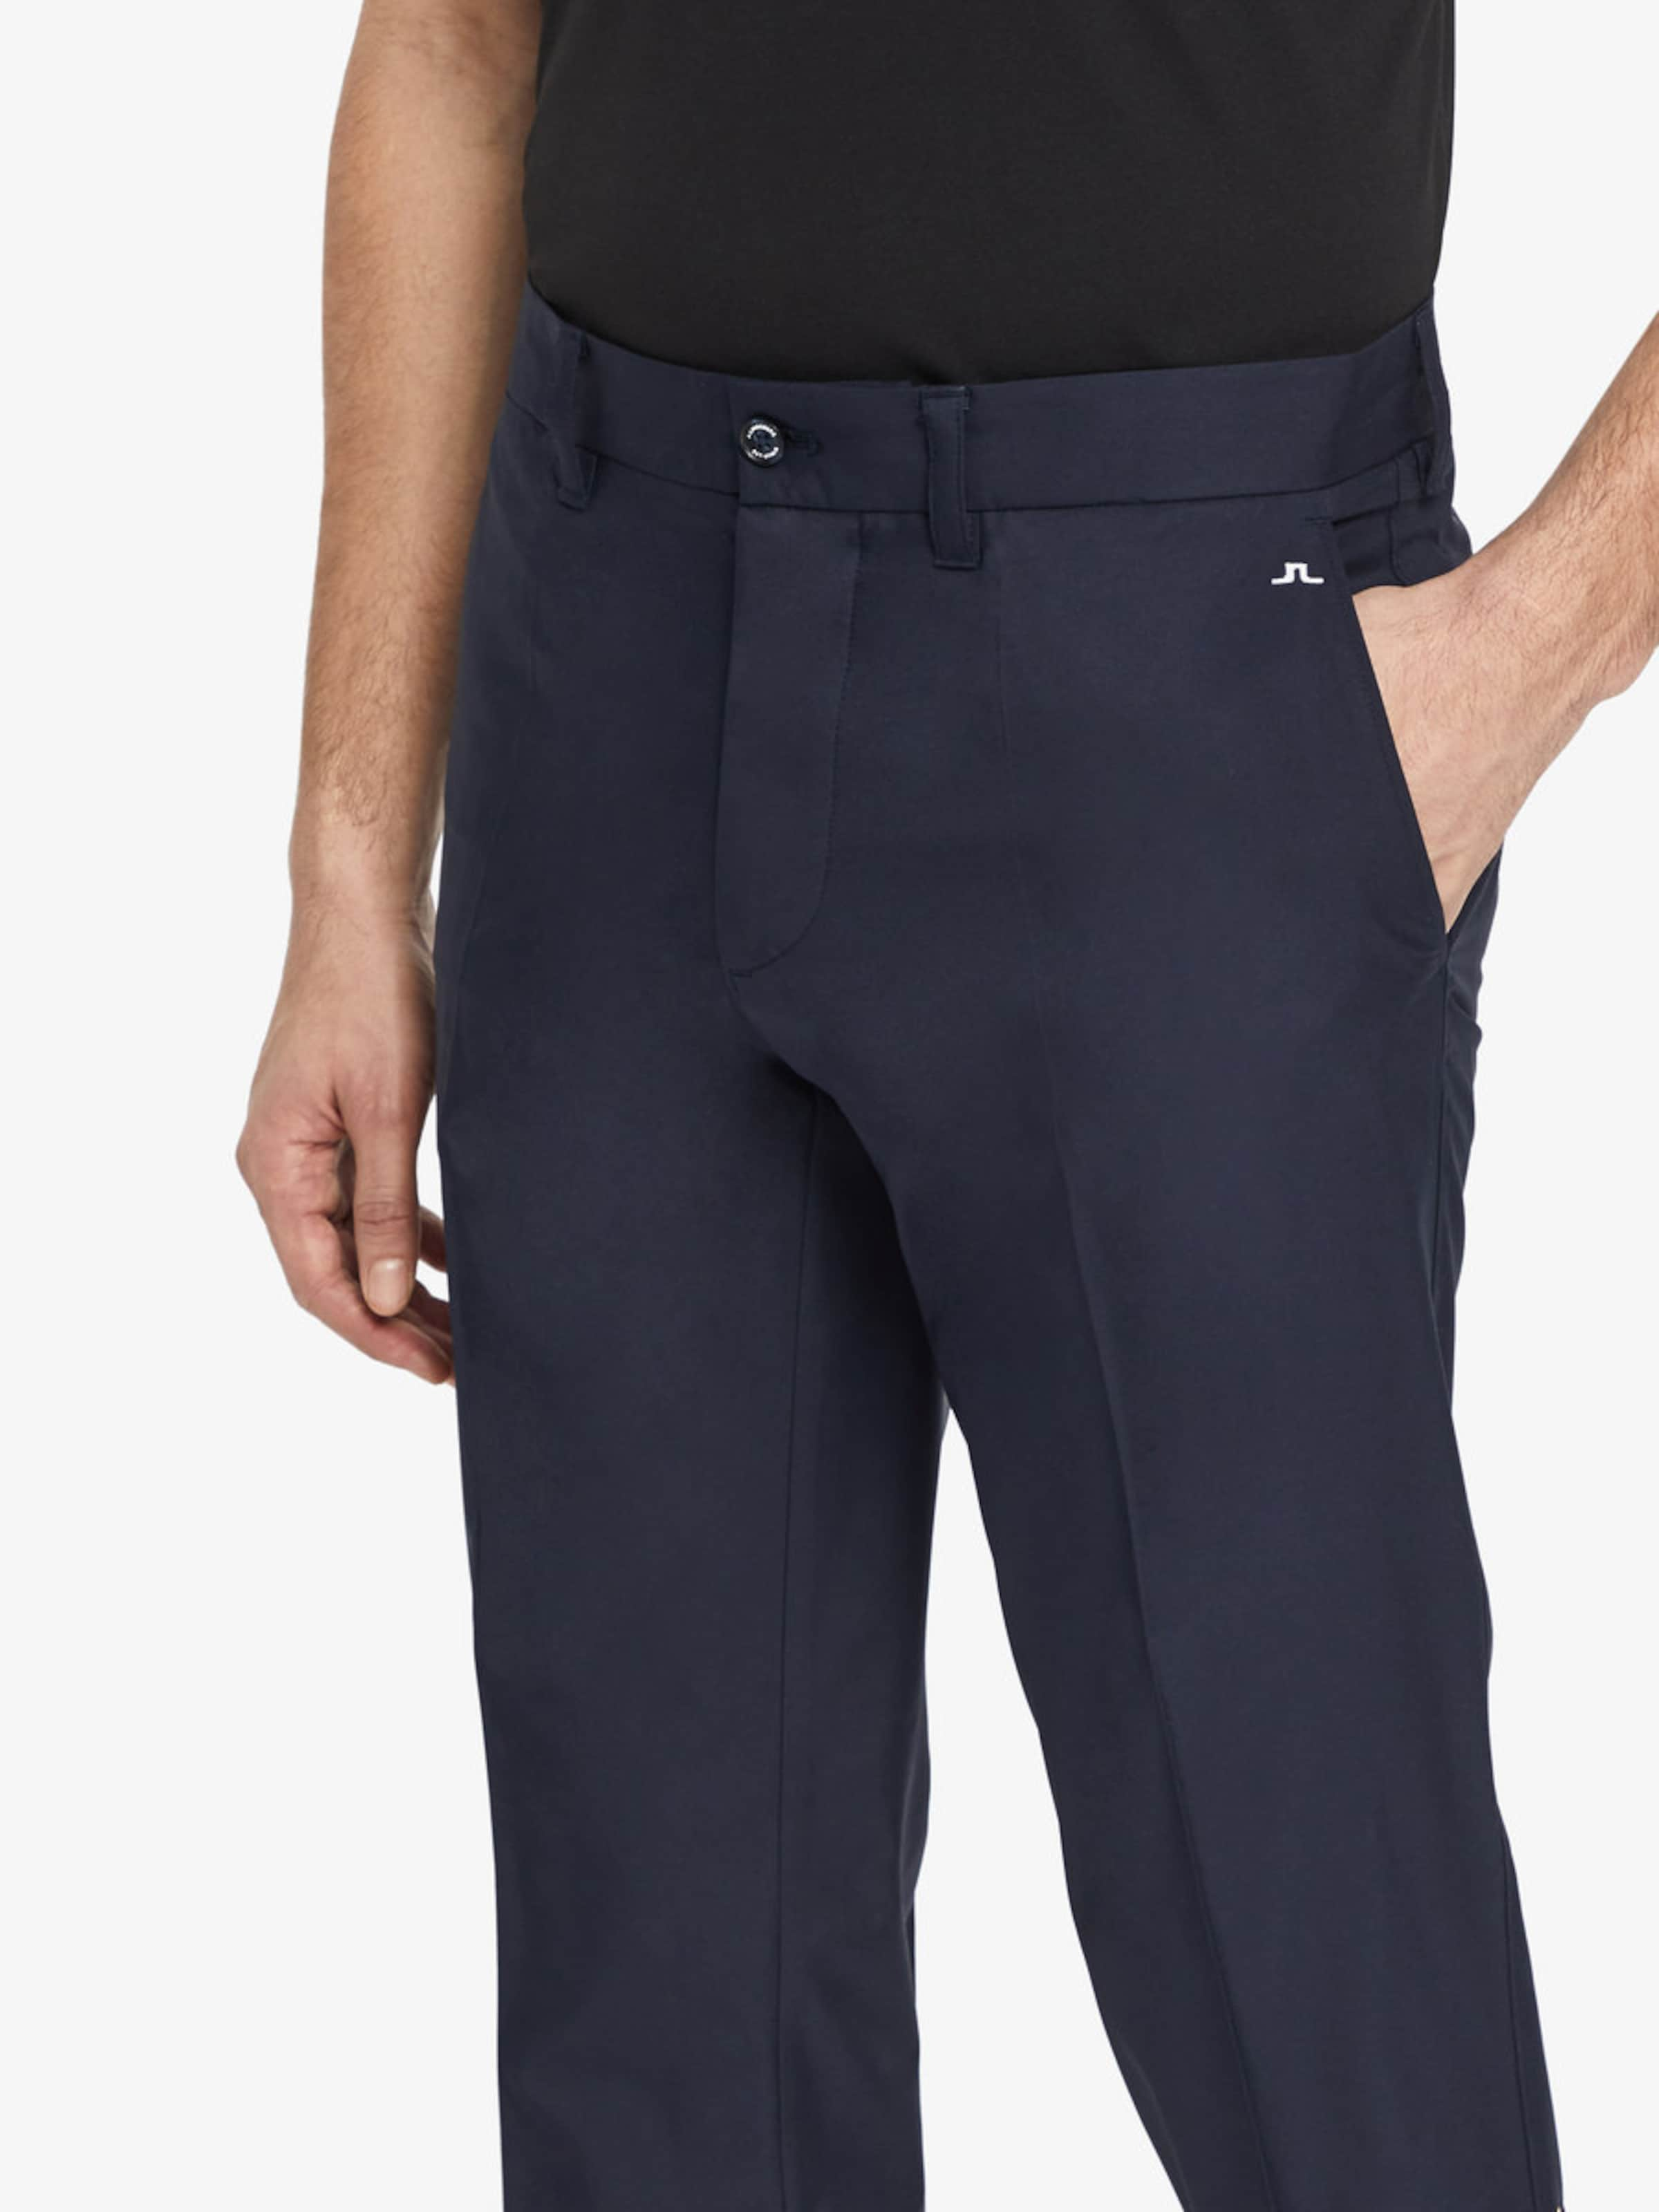 'elof' En Pantalon À lindeberg Noir Pince J Nnw0mv8